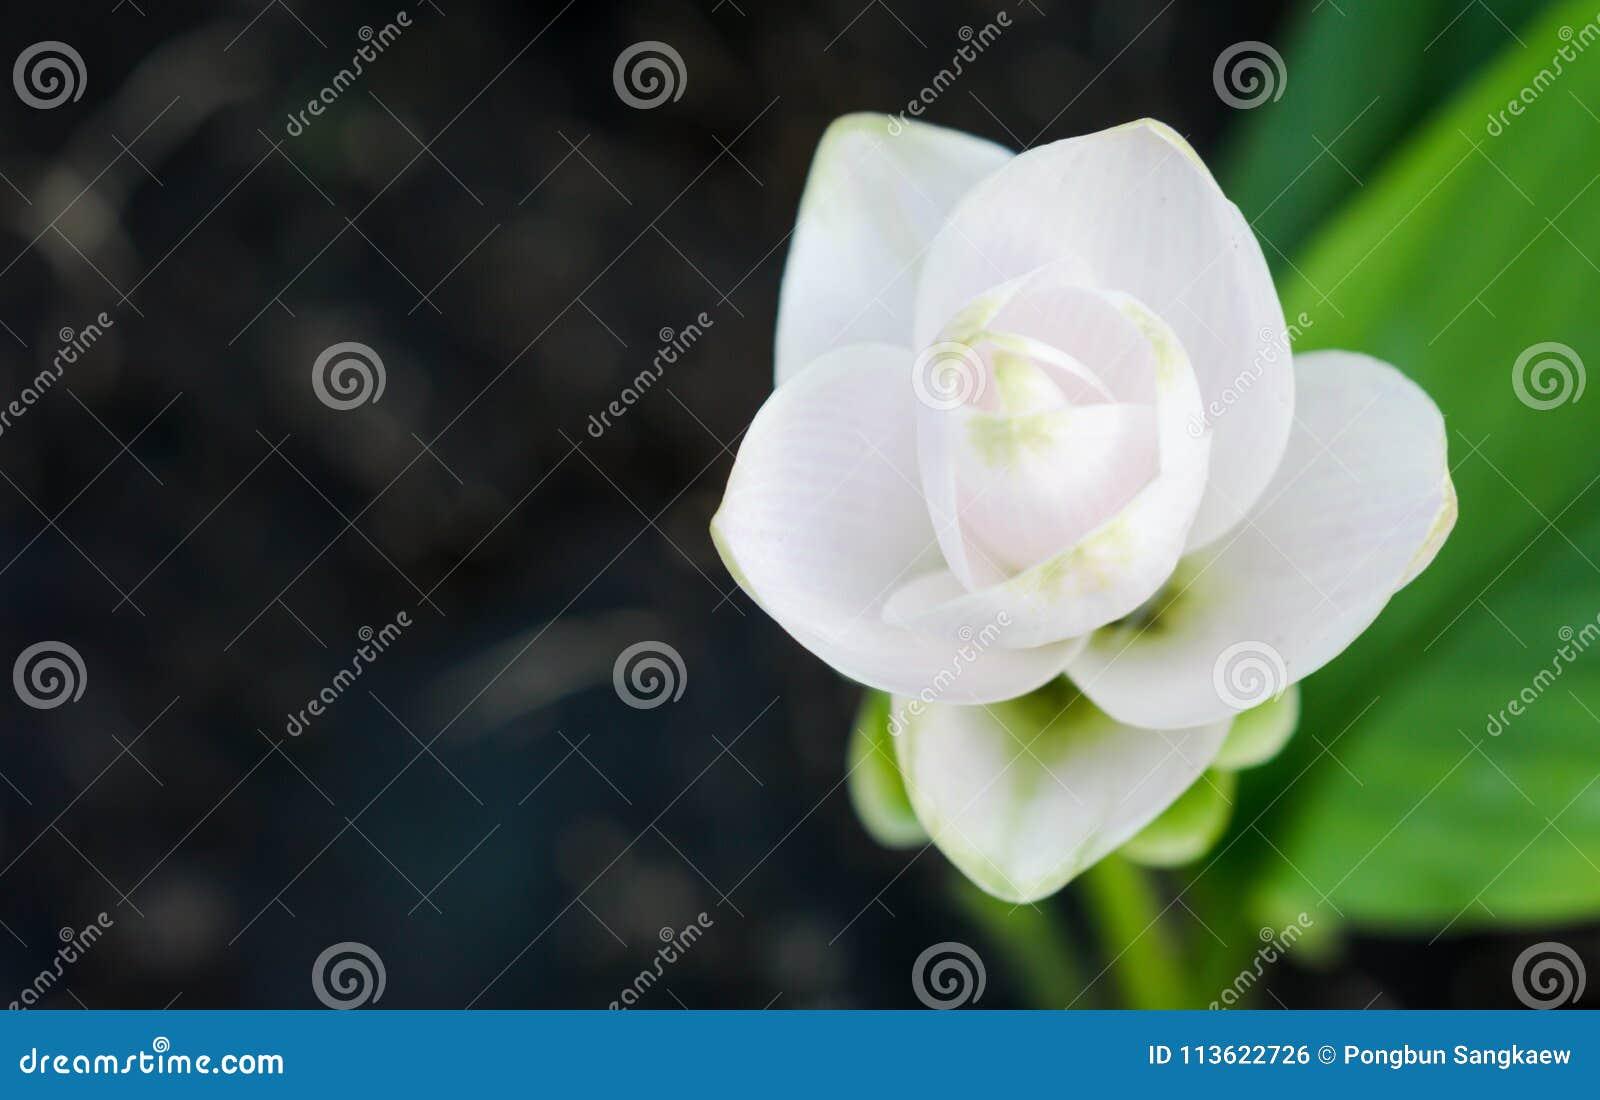 Fleur Tropicale Blanche Sur Le Fond Fonce Photo Stock Image Du